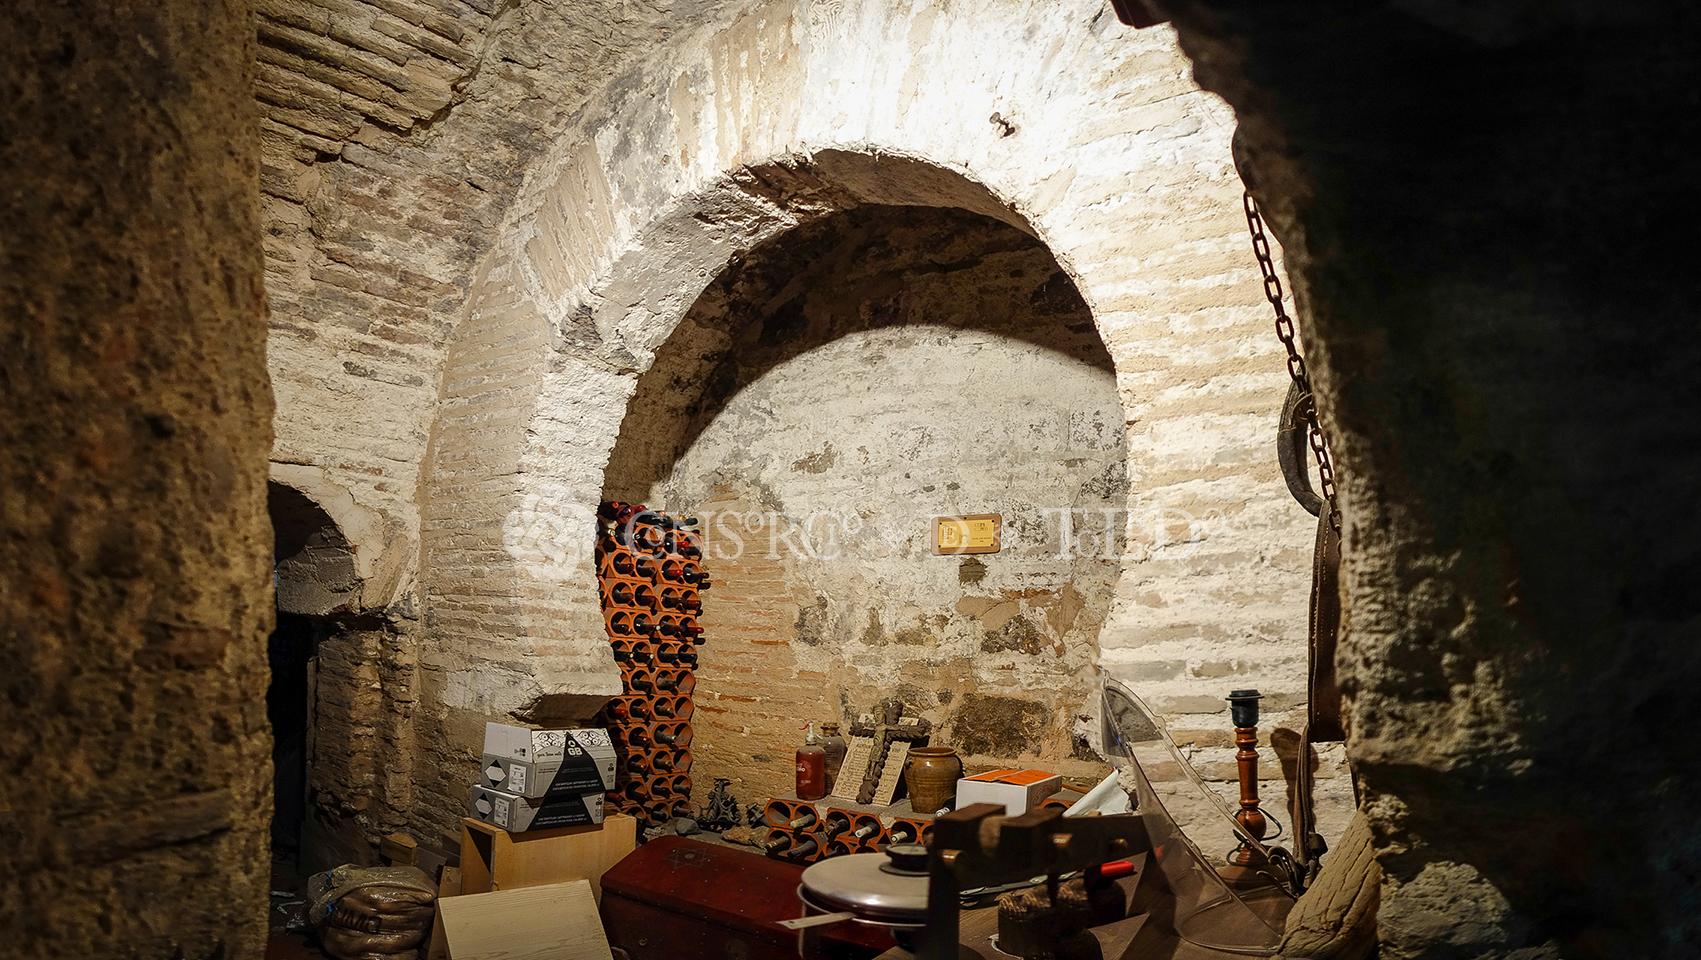 Baño islámico Pozo Amargo, Toledo